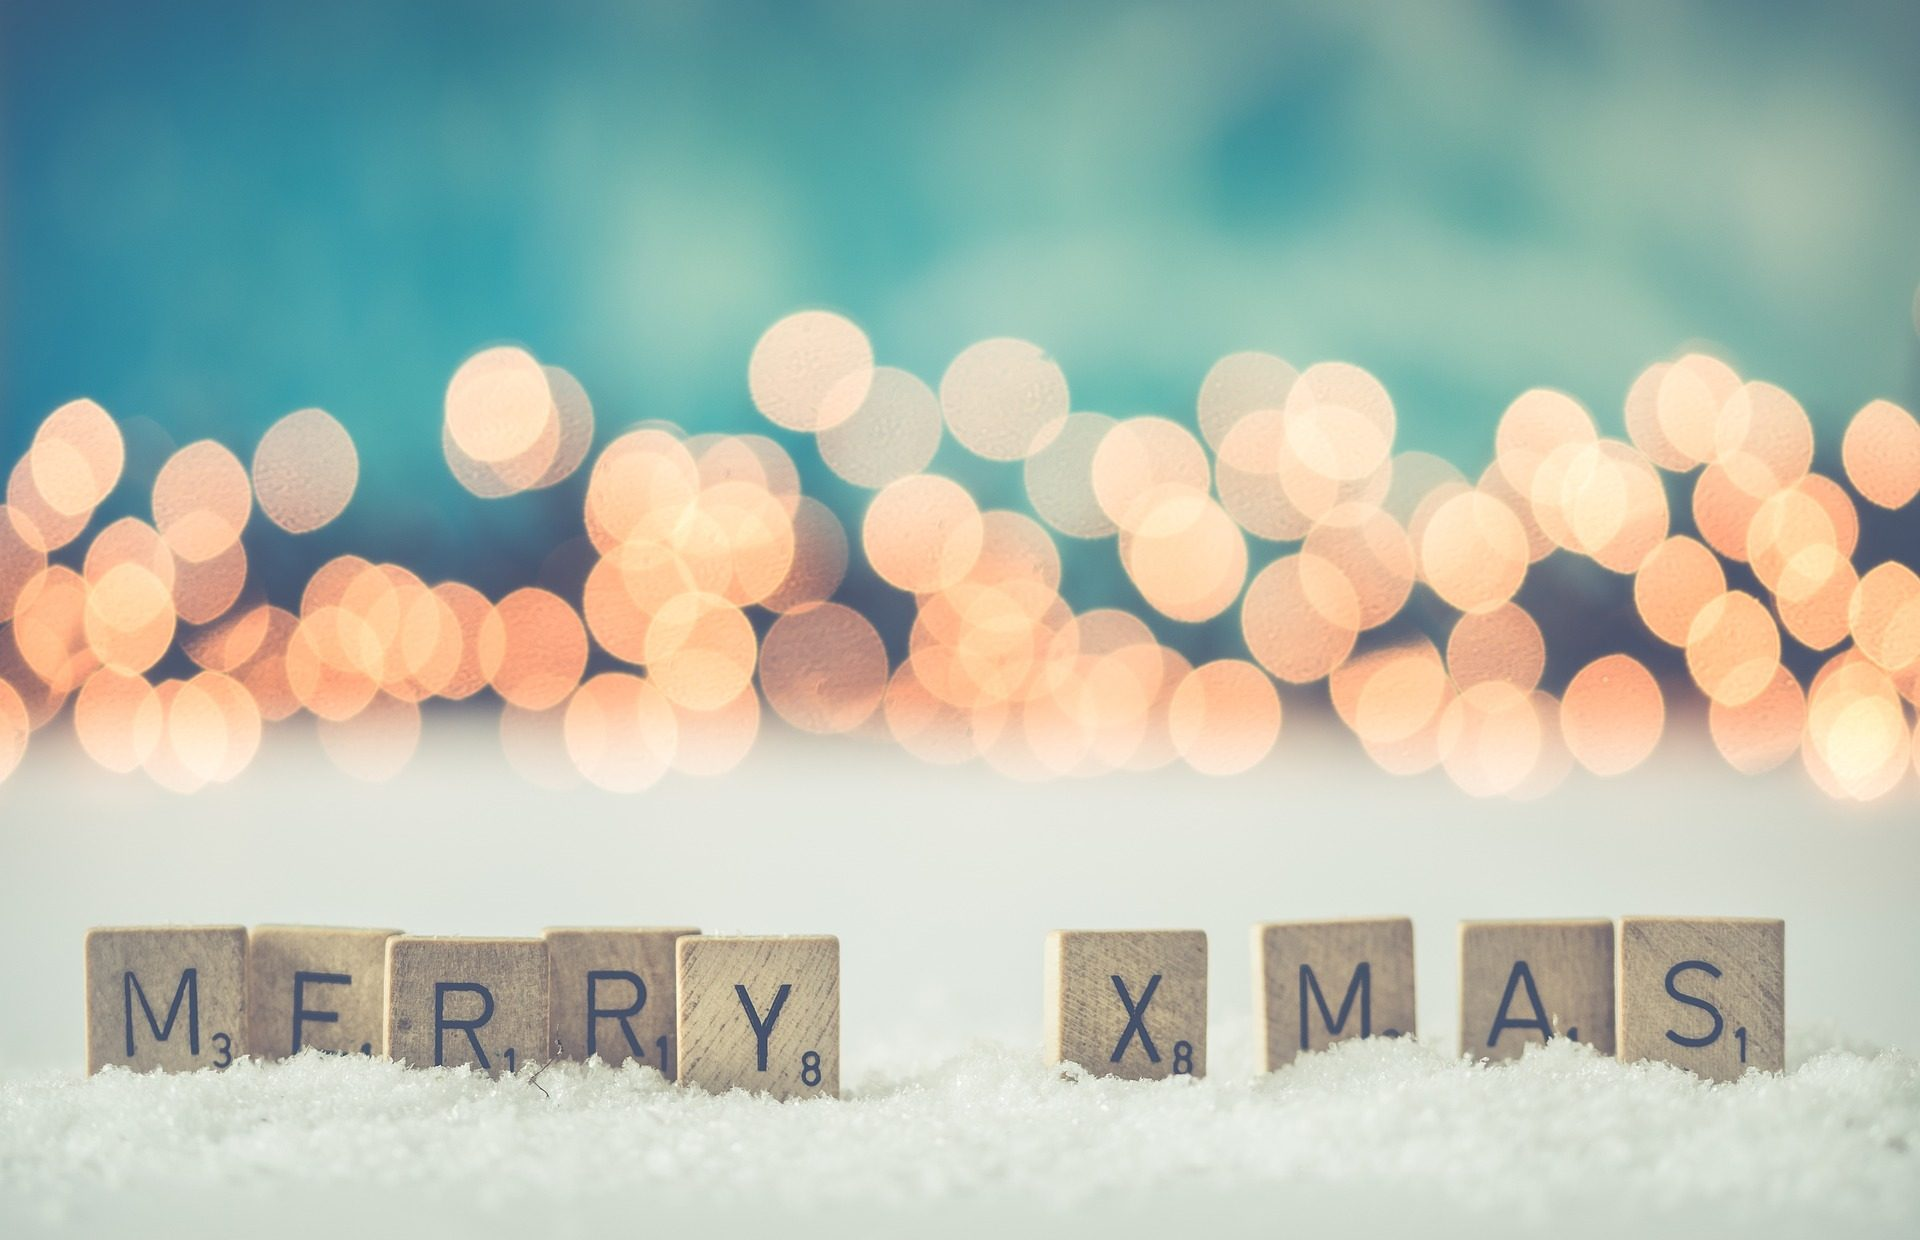 Songtext, Lichter, Halos, Schnee, Gruß, Weihnachten - Wallpaper HD - Prof.-falken.com